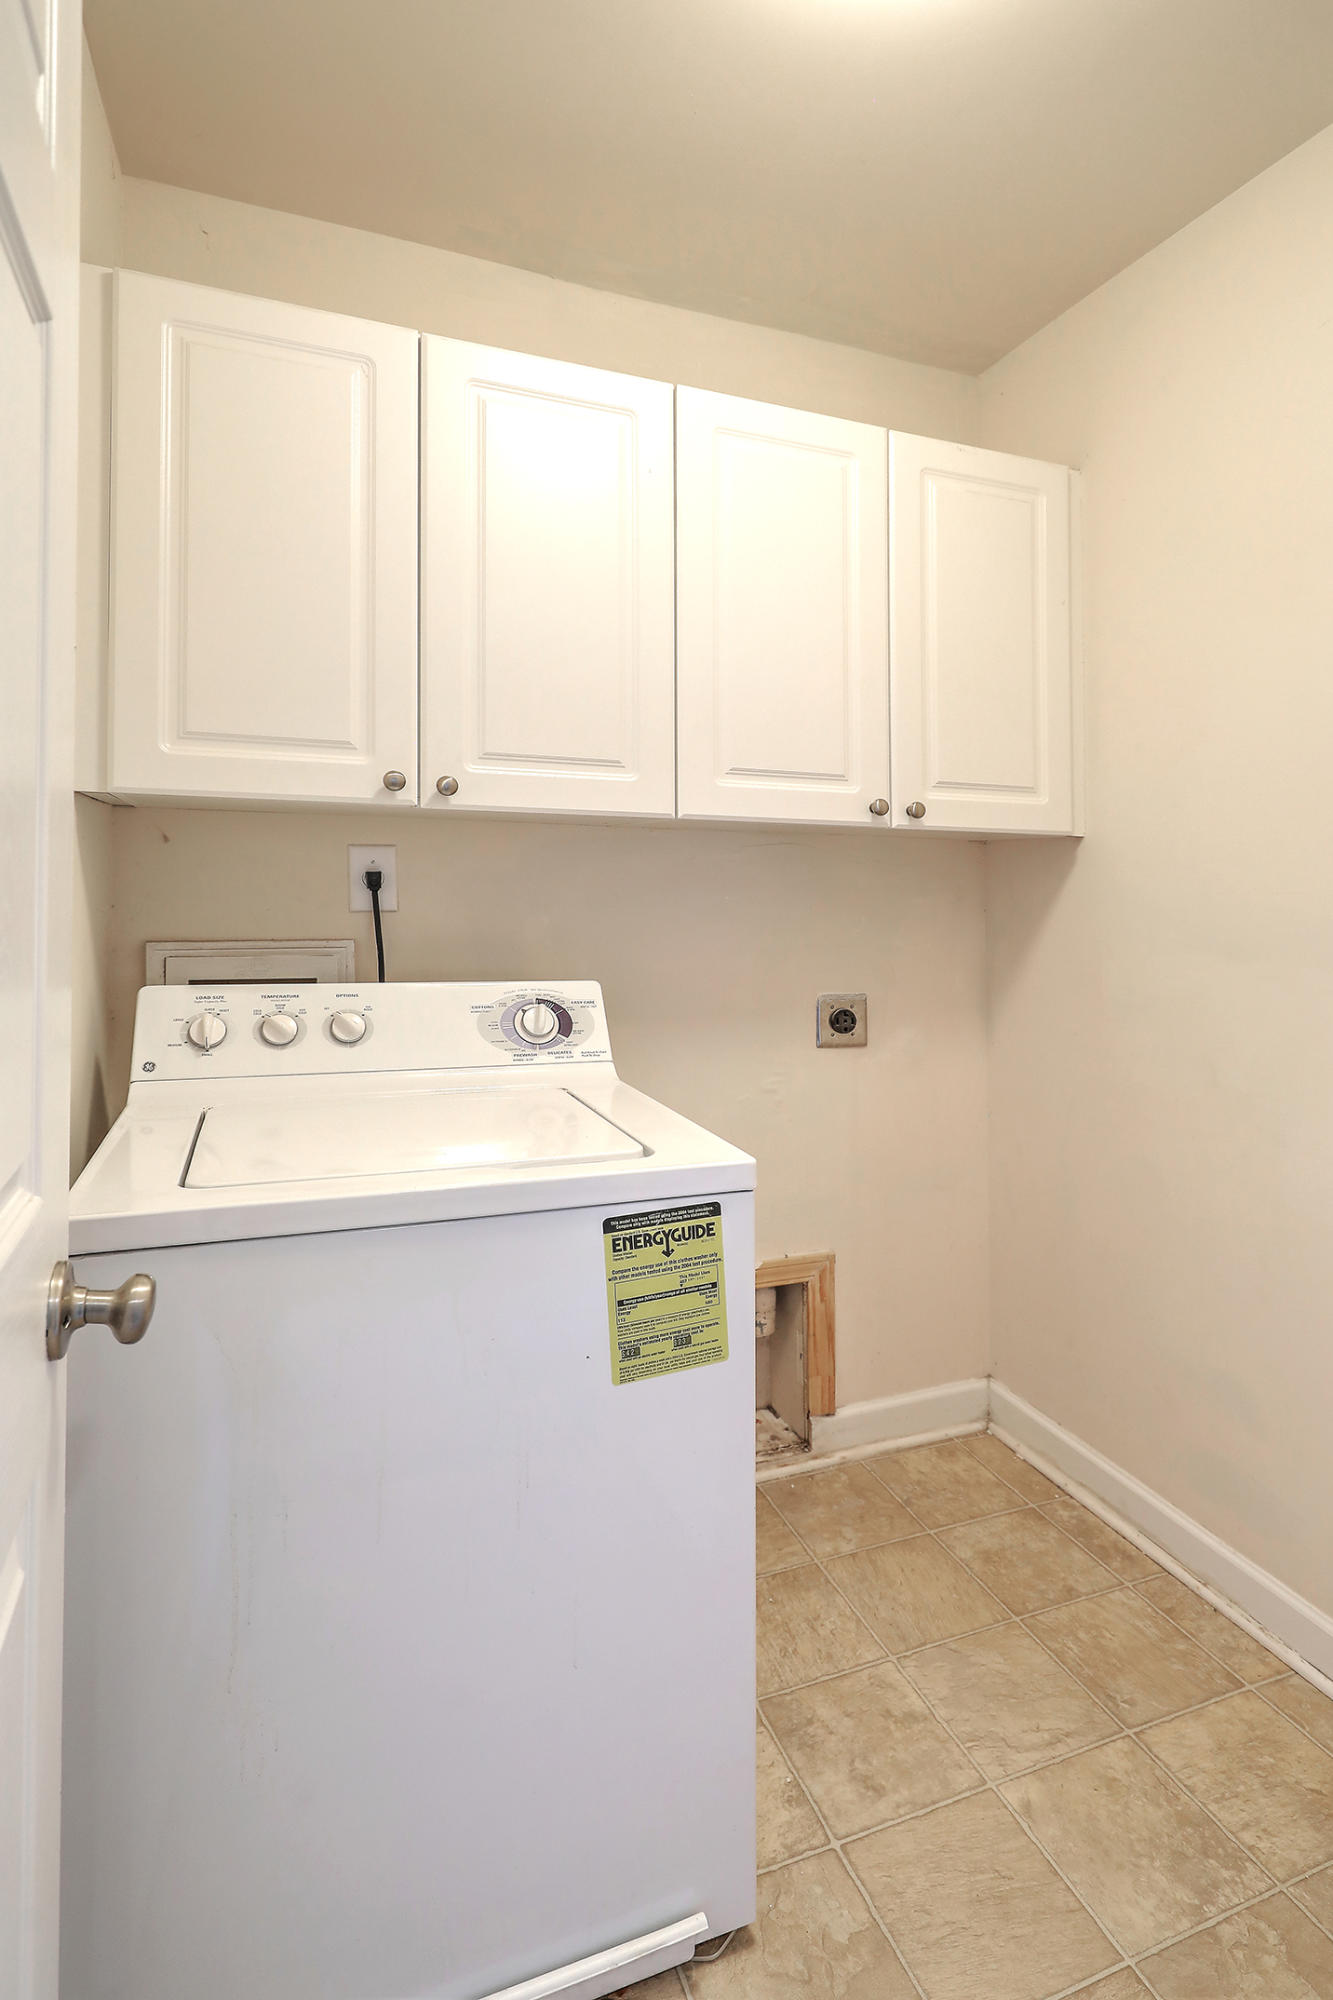 Park West Homes For Sale - 3471 Claremont, Mount Pleasant, SC - 18